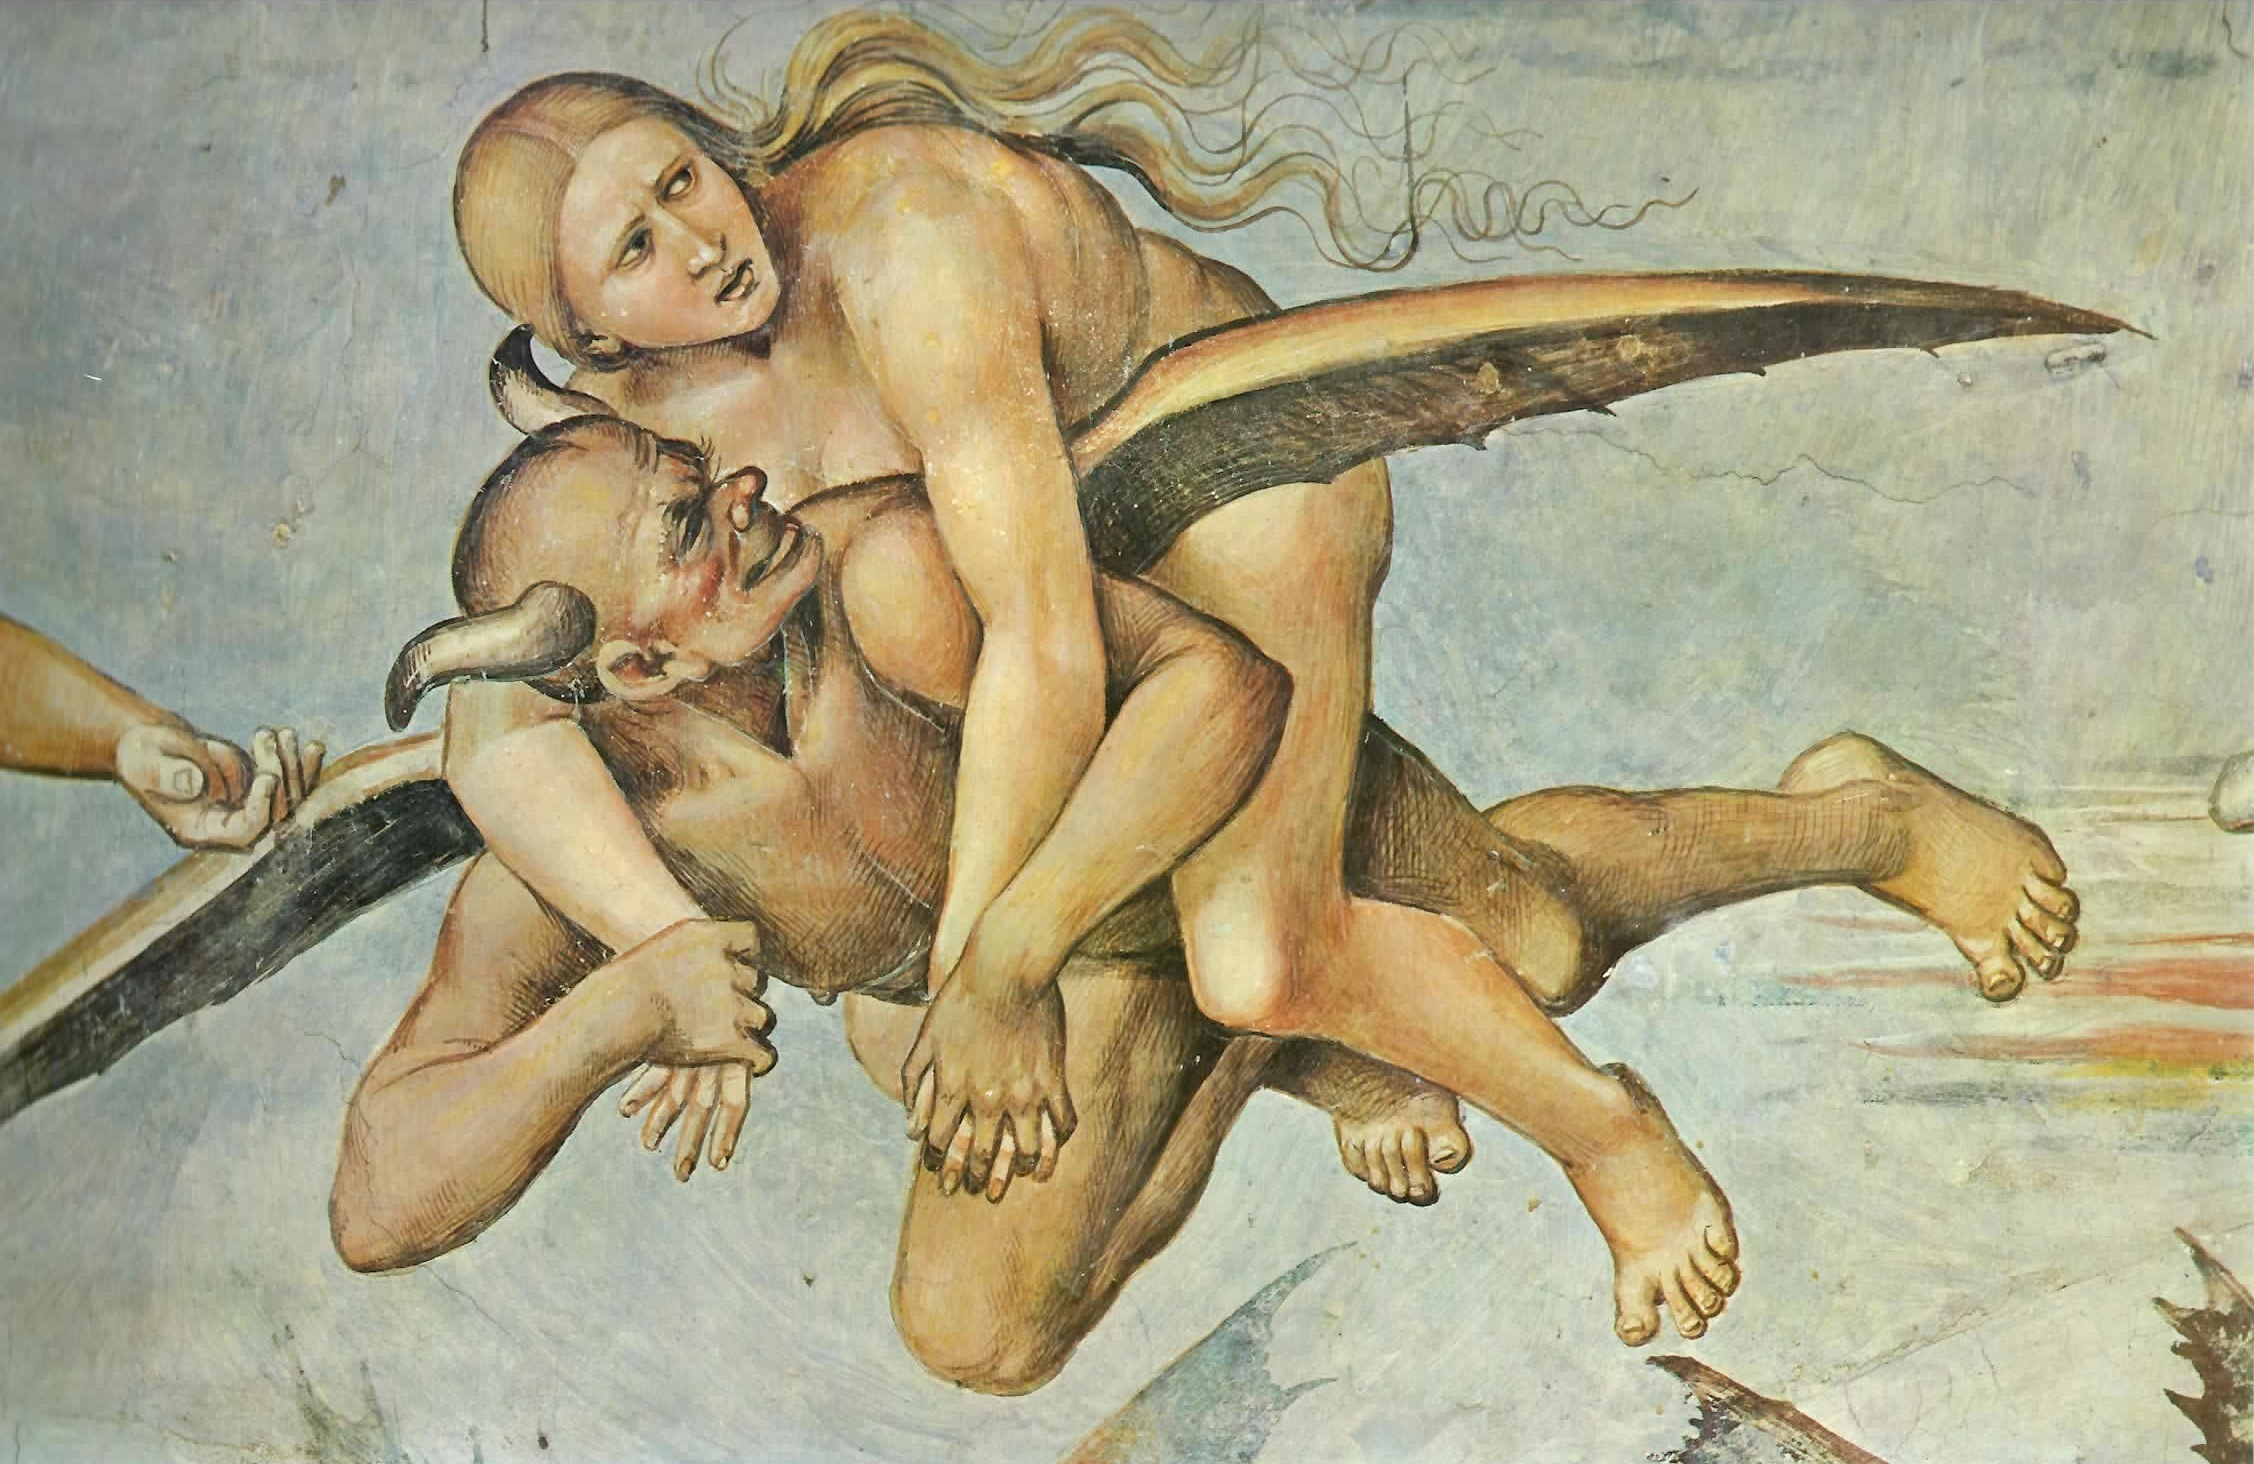 Luca Signorelli - I dannati, part.